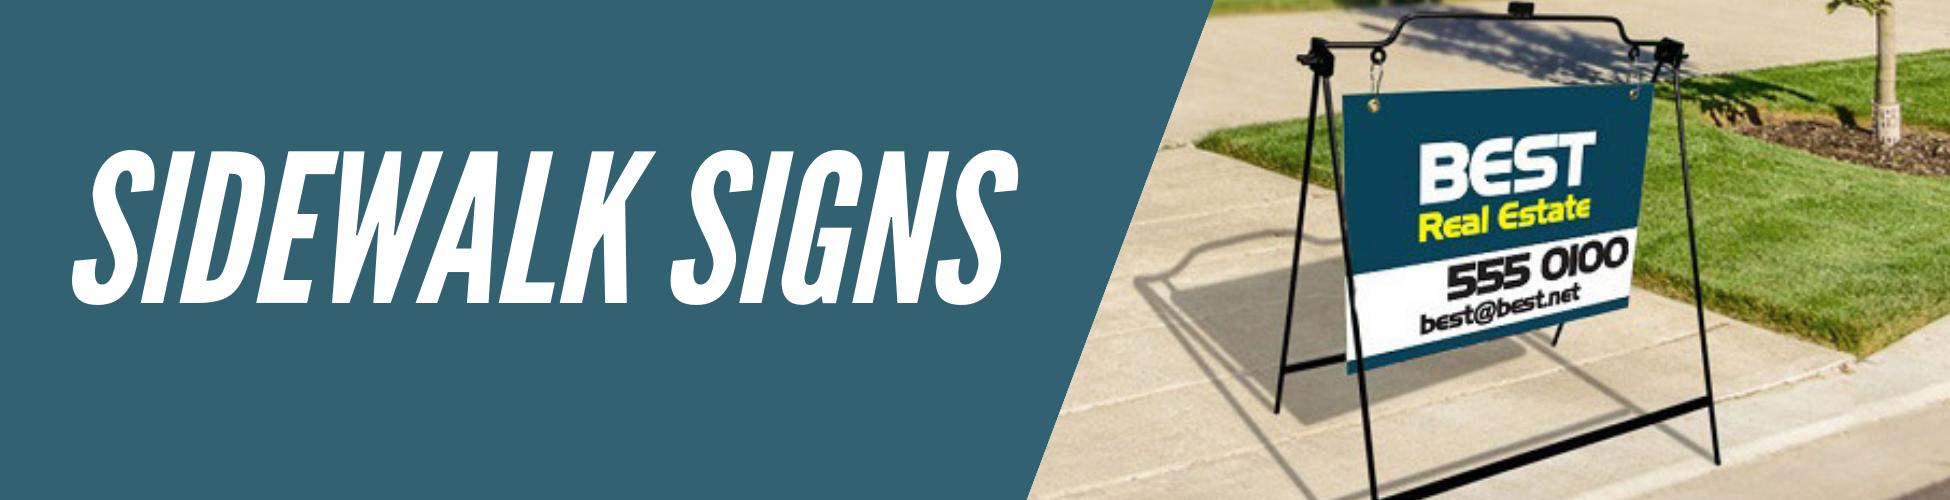 sidewalk-signs-banner-v3.png